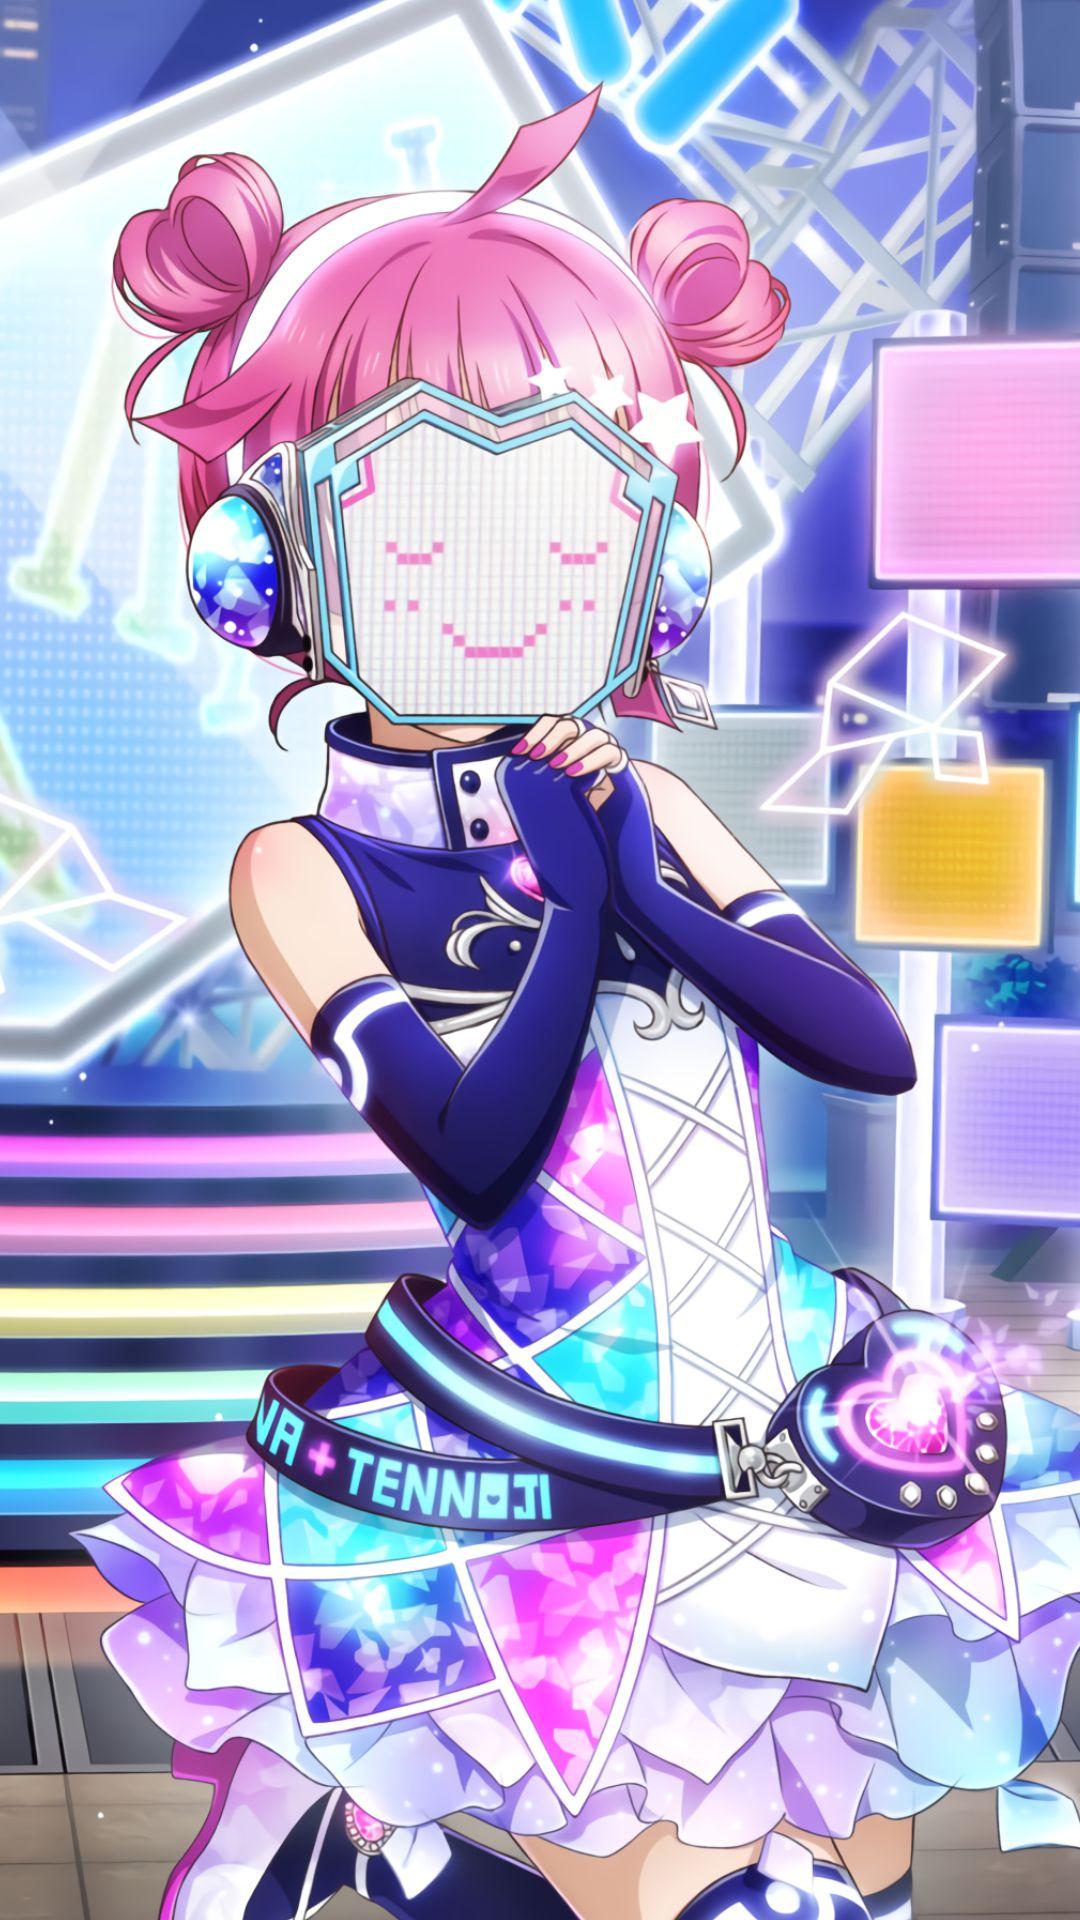 ラブライブ!虹ヶ咲学園スクールアイドル同好会iPhone壁紙/Androidスマホ壁紙